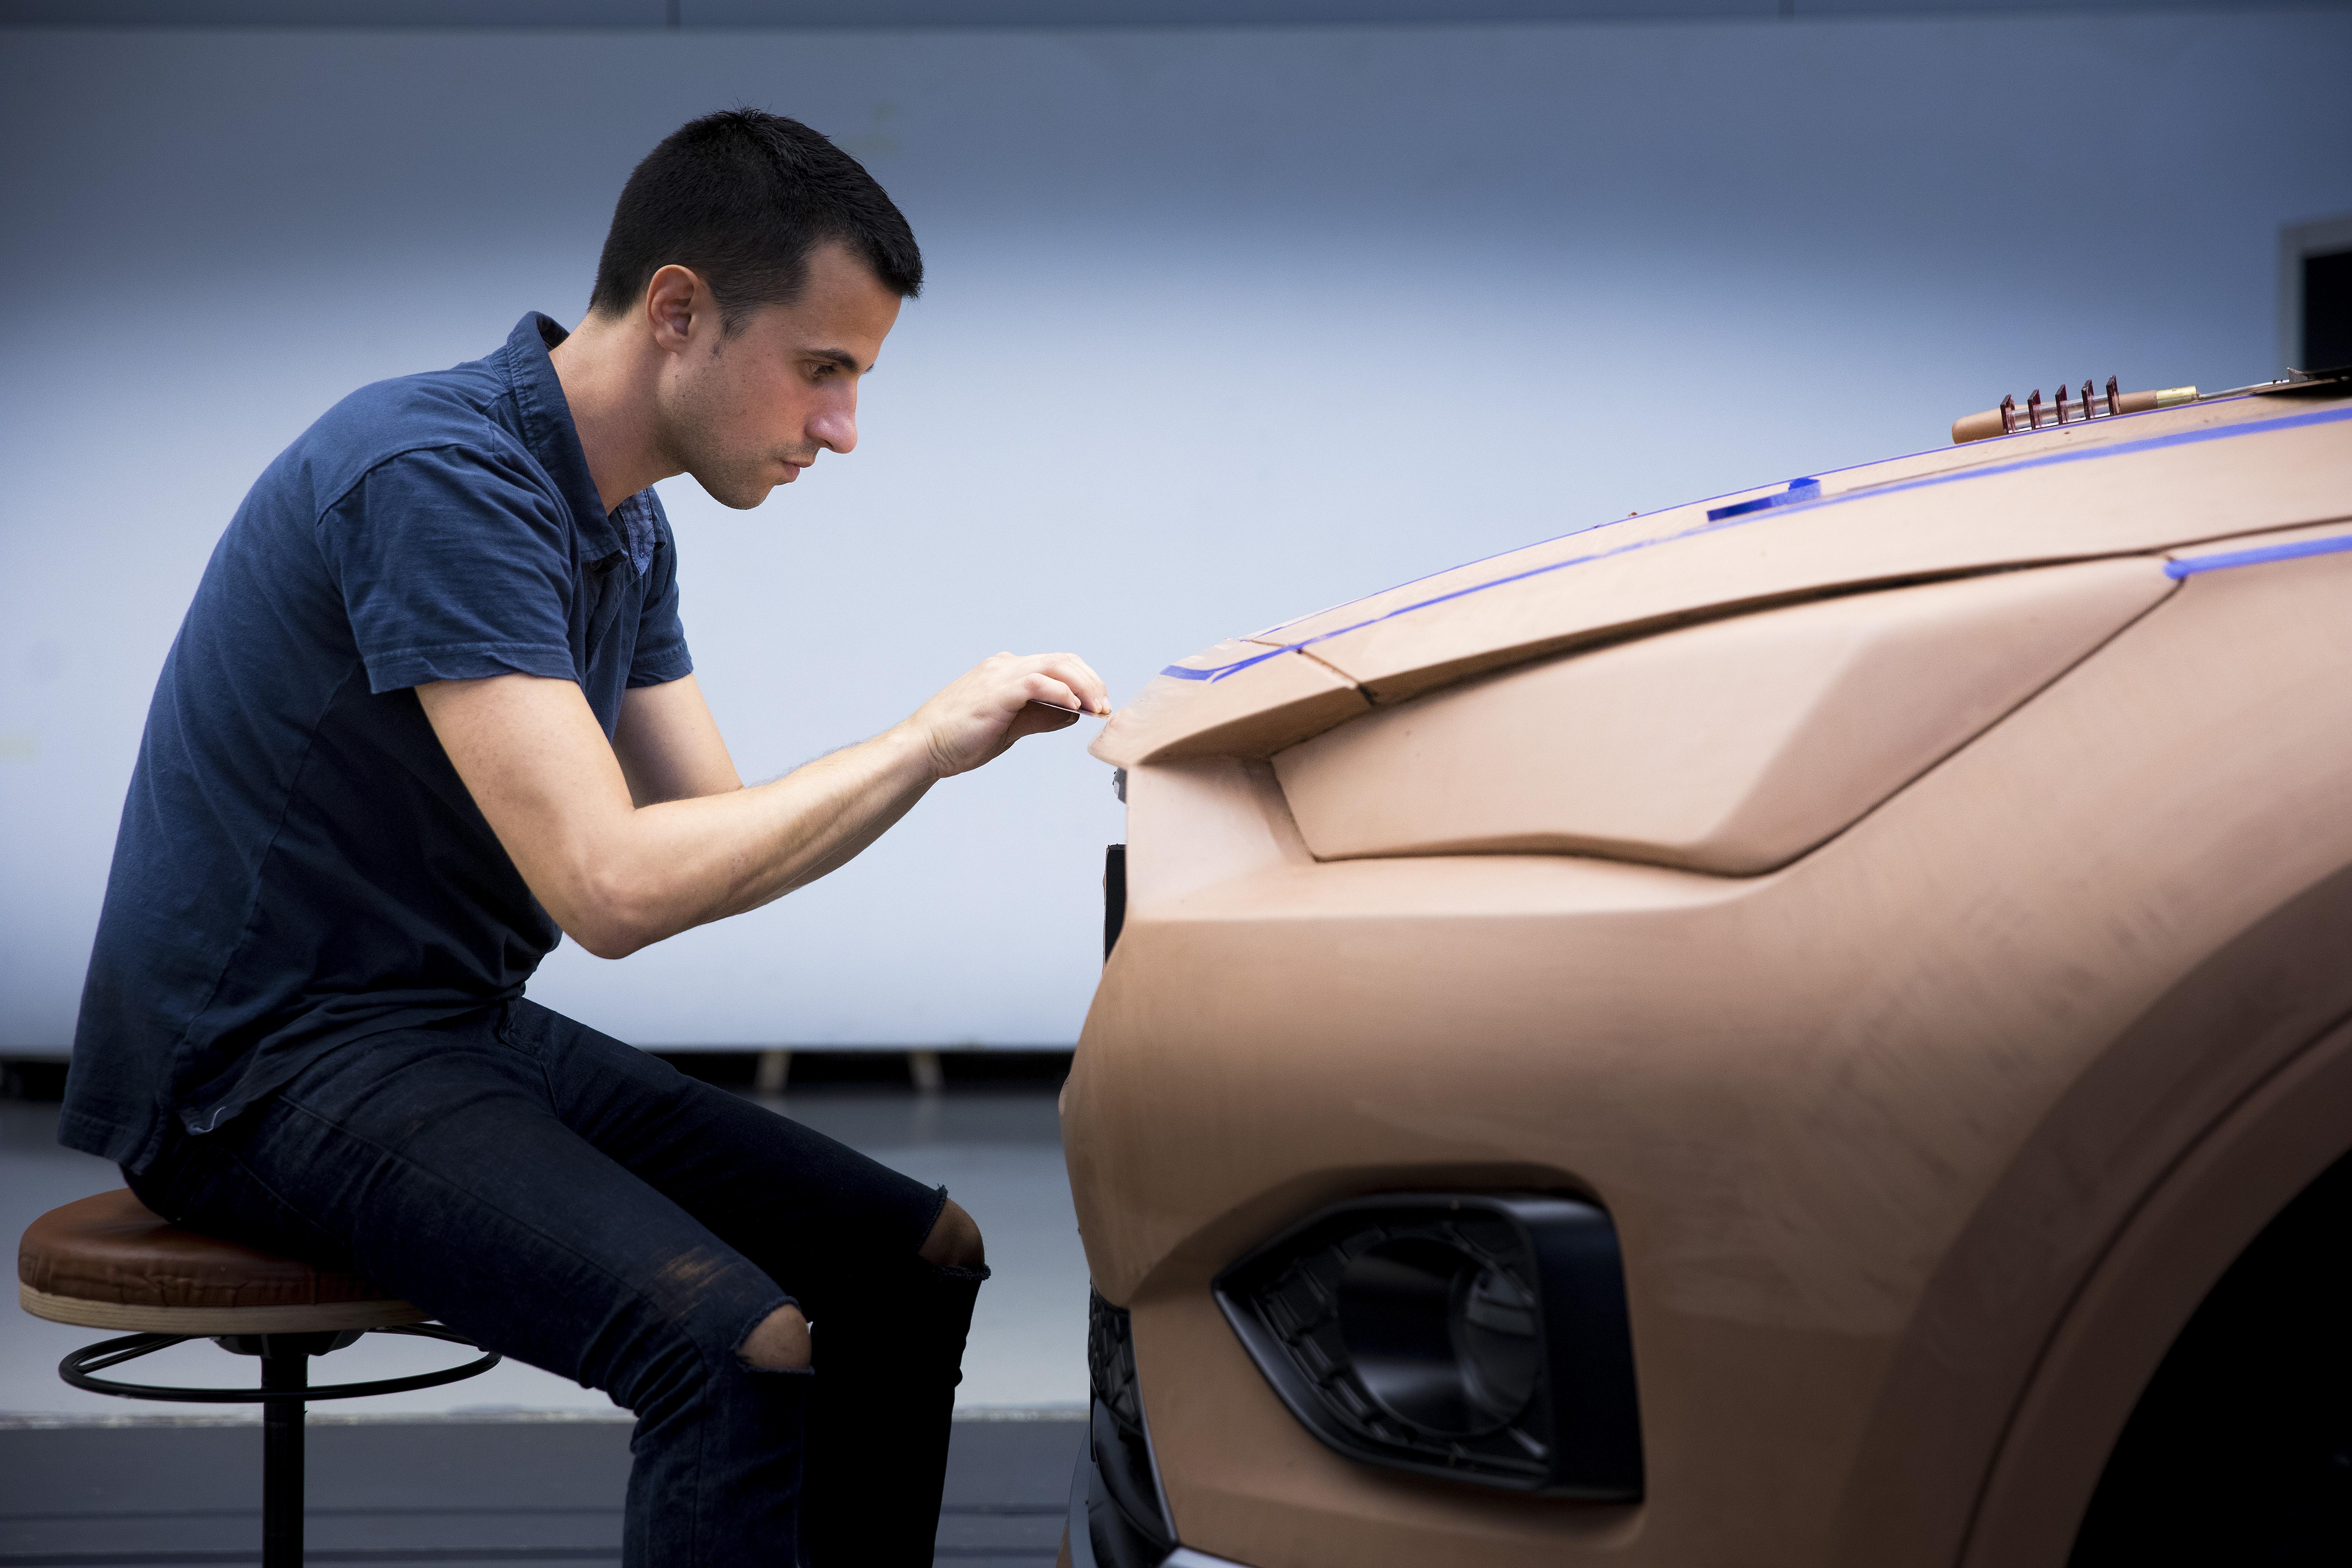 Der-Fahrzeug-Bildhauer